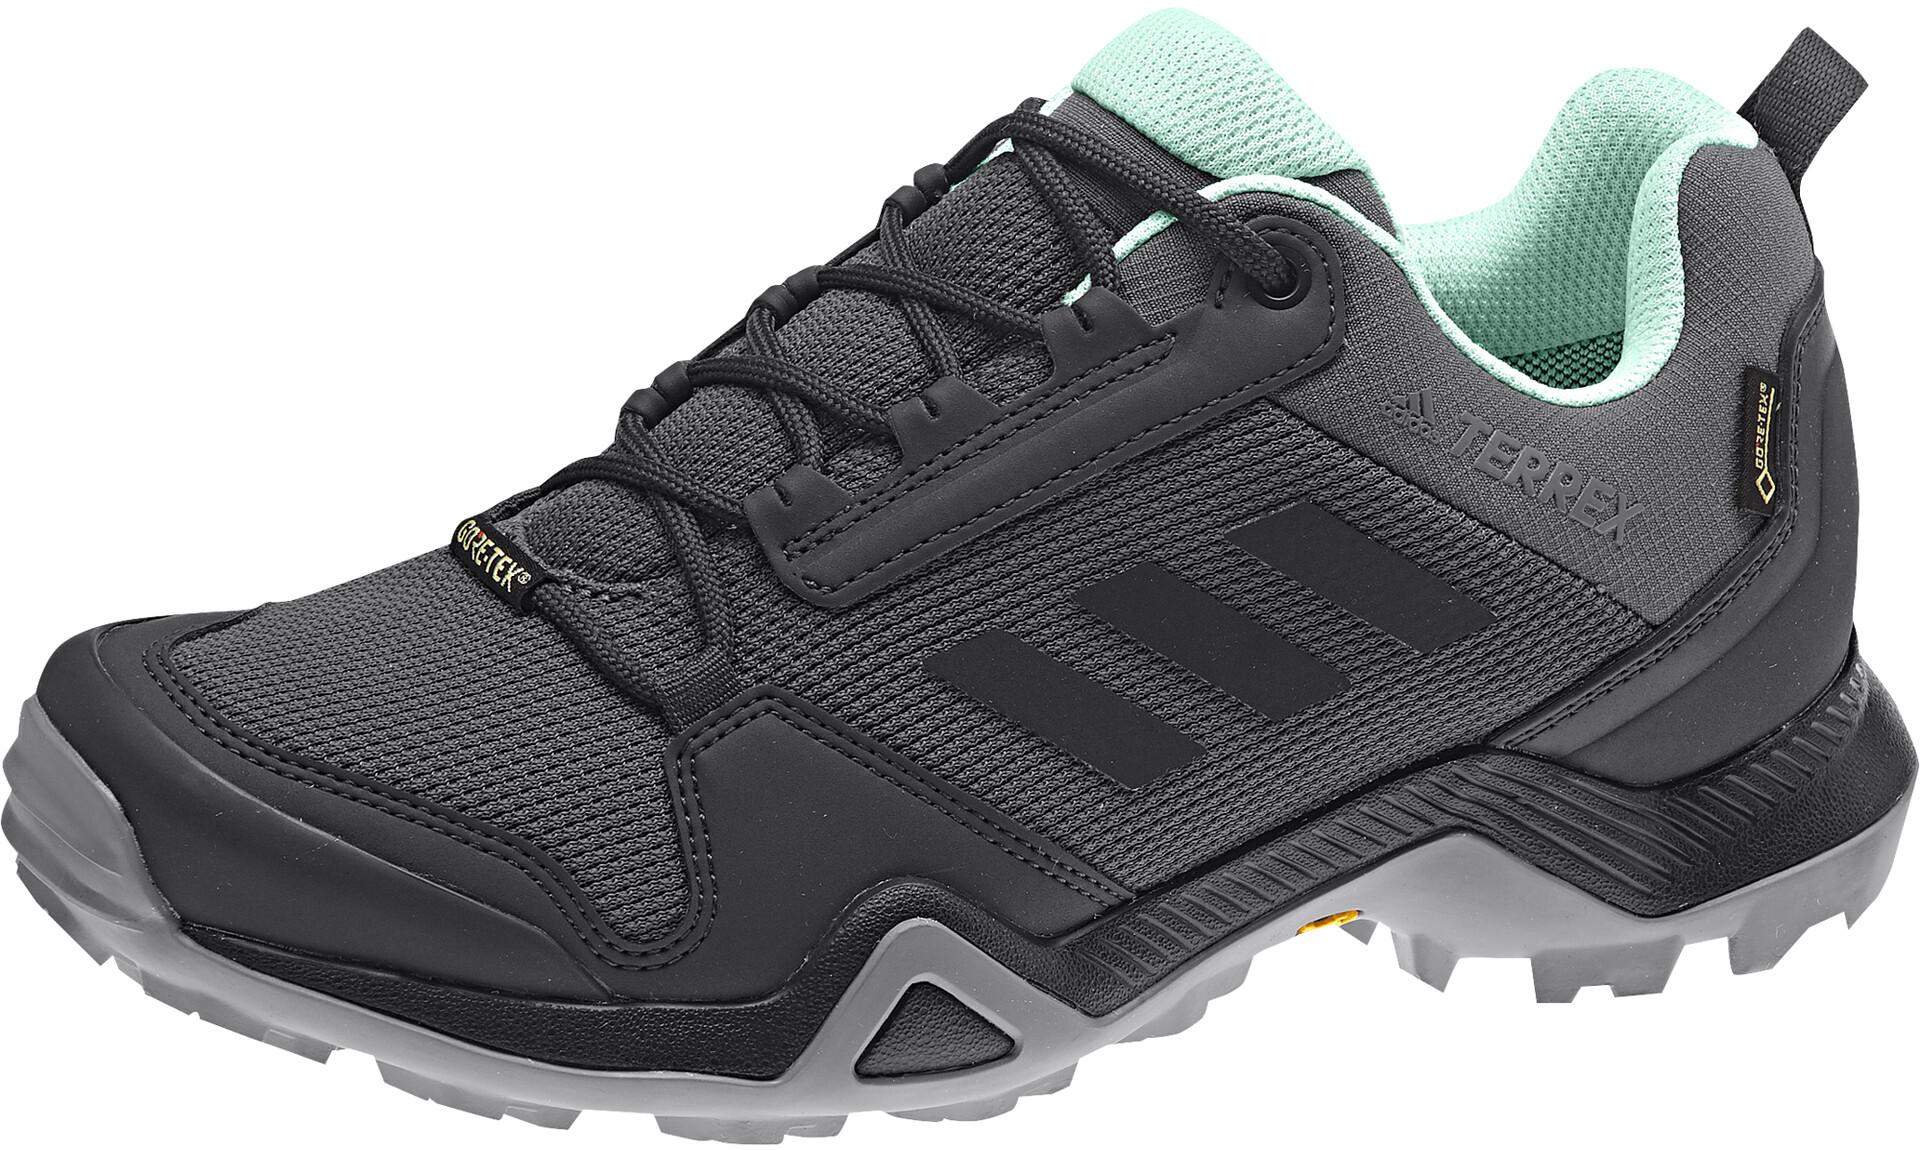 adidas TERREX AX3 Gore-Tex Chaussures de randonnée Imperméable Femme, grey  five/core black/clear mint